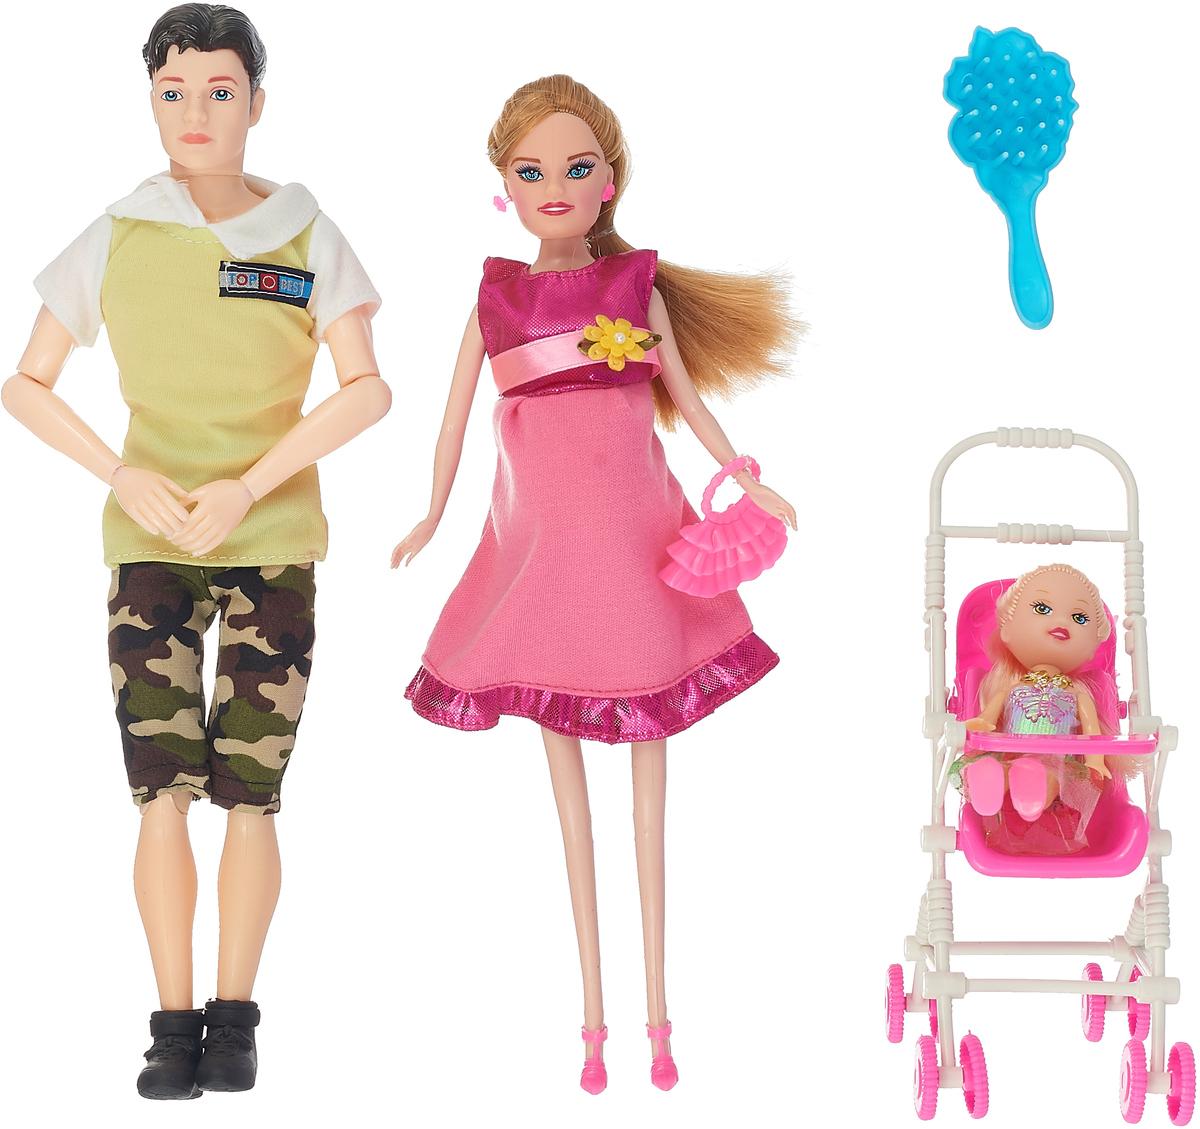 Veld-Co Набор кукол Счастливая семья вид 2 veld co игровой набор с мини куклой my lovely princess цвет одежды сиреневый розовый голубой